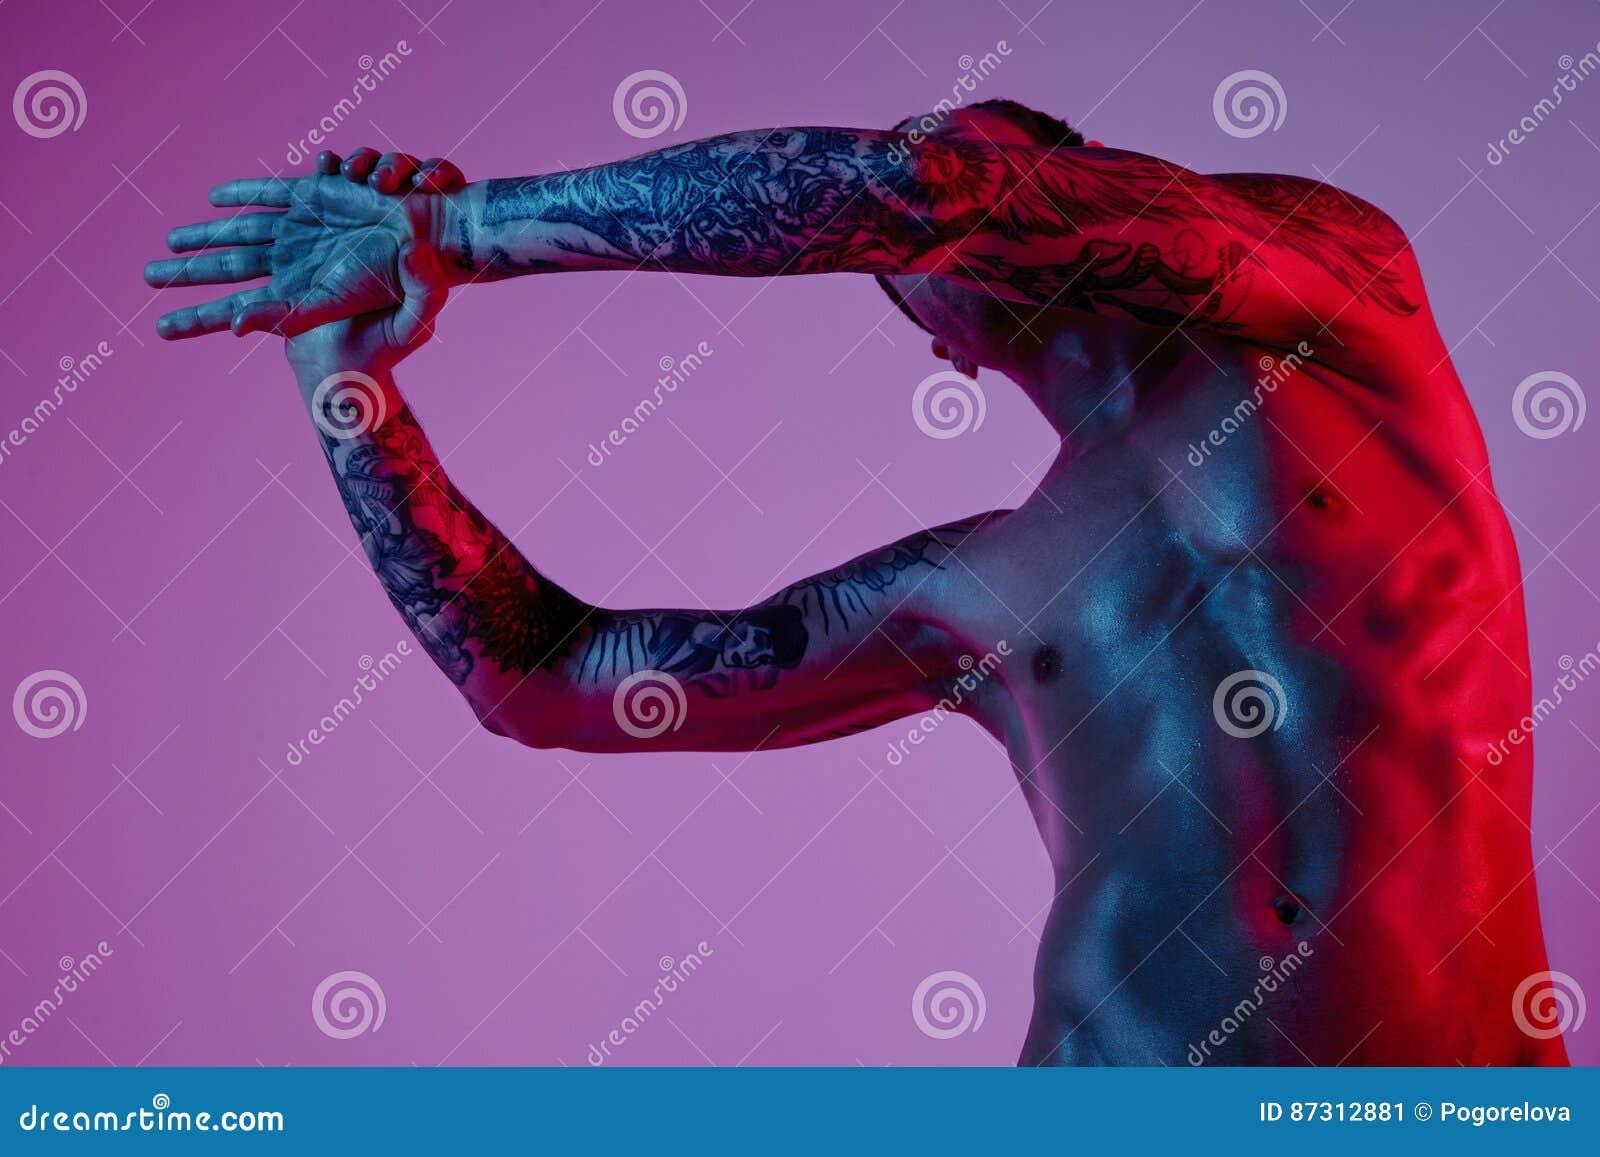 Mode photoshoot des attraktiven Mannes des Sportsitzes, der Arm herstellt auszudehnen Männlicher nackter Körper, tätowierte Hände